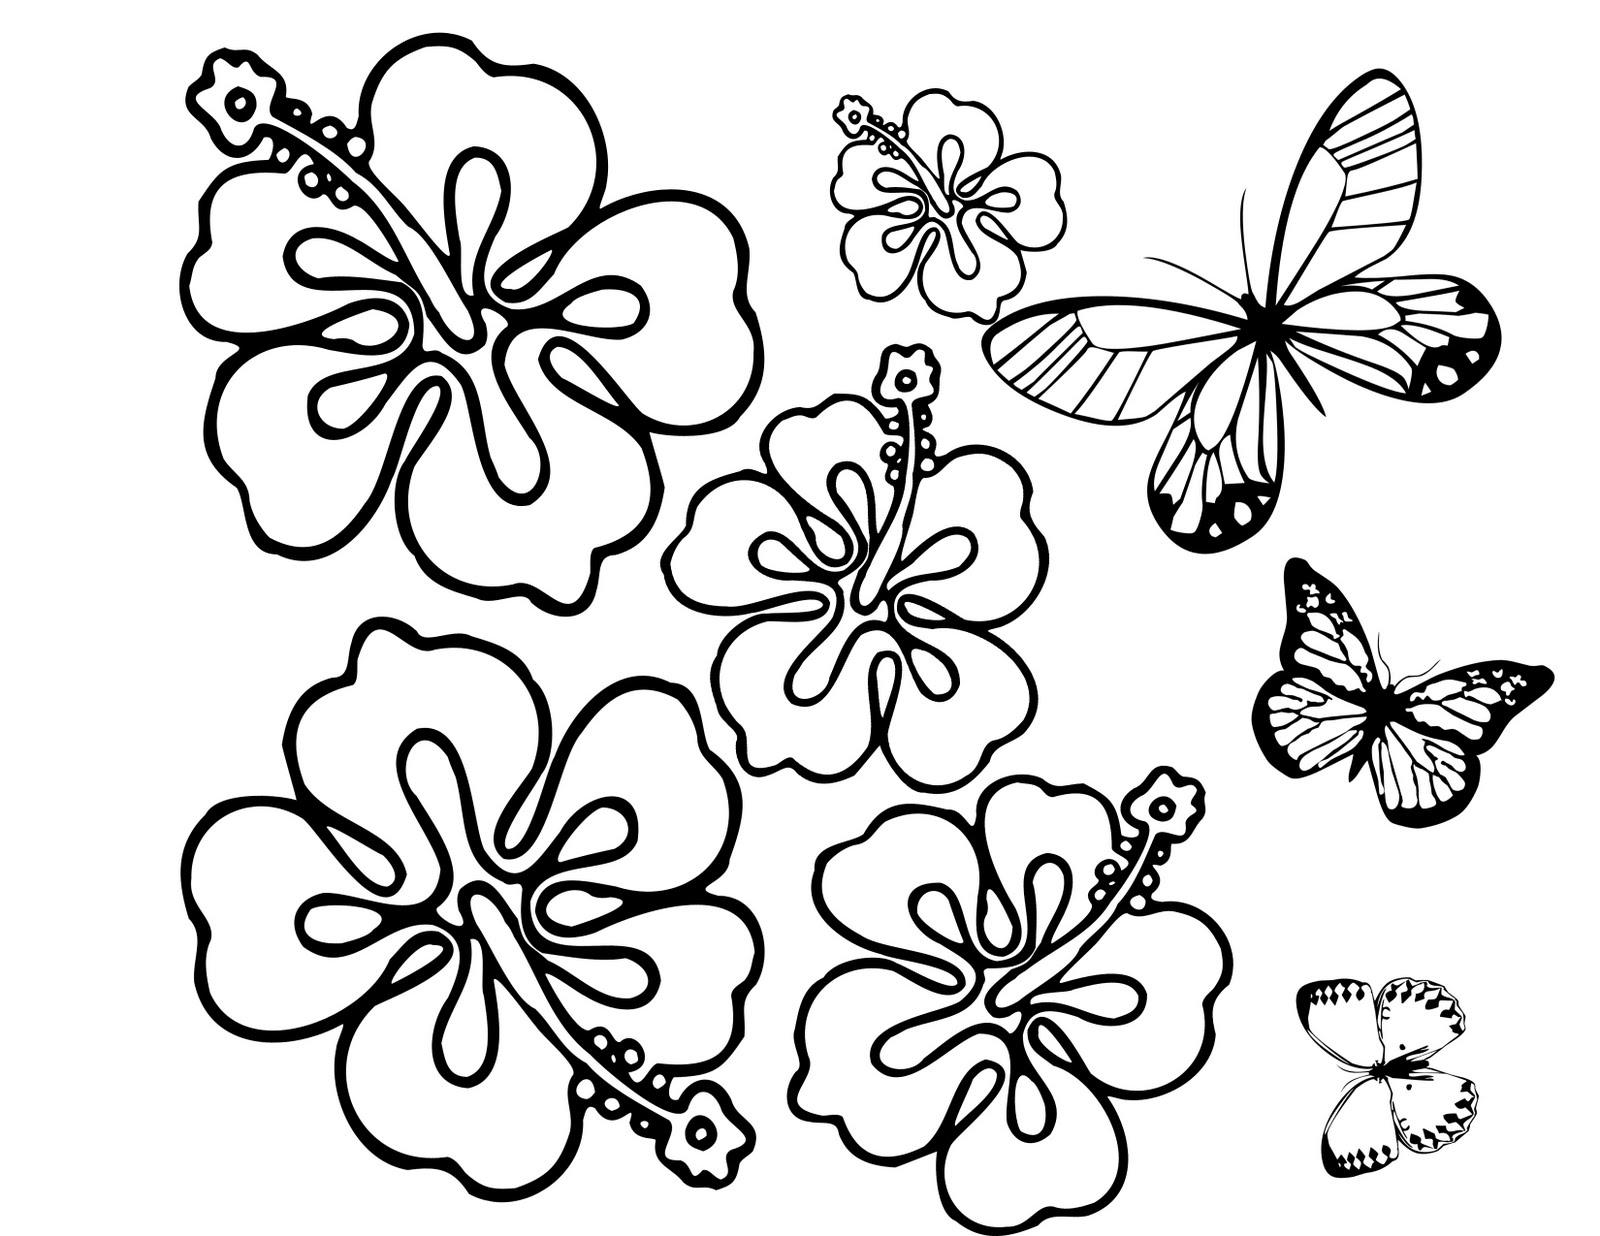 Flores y mariposas listas para colorear, pintar, o llenar con bolitas